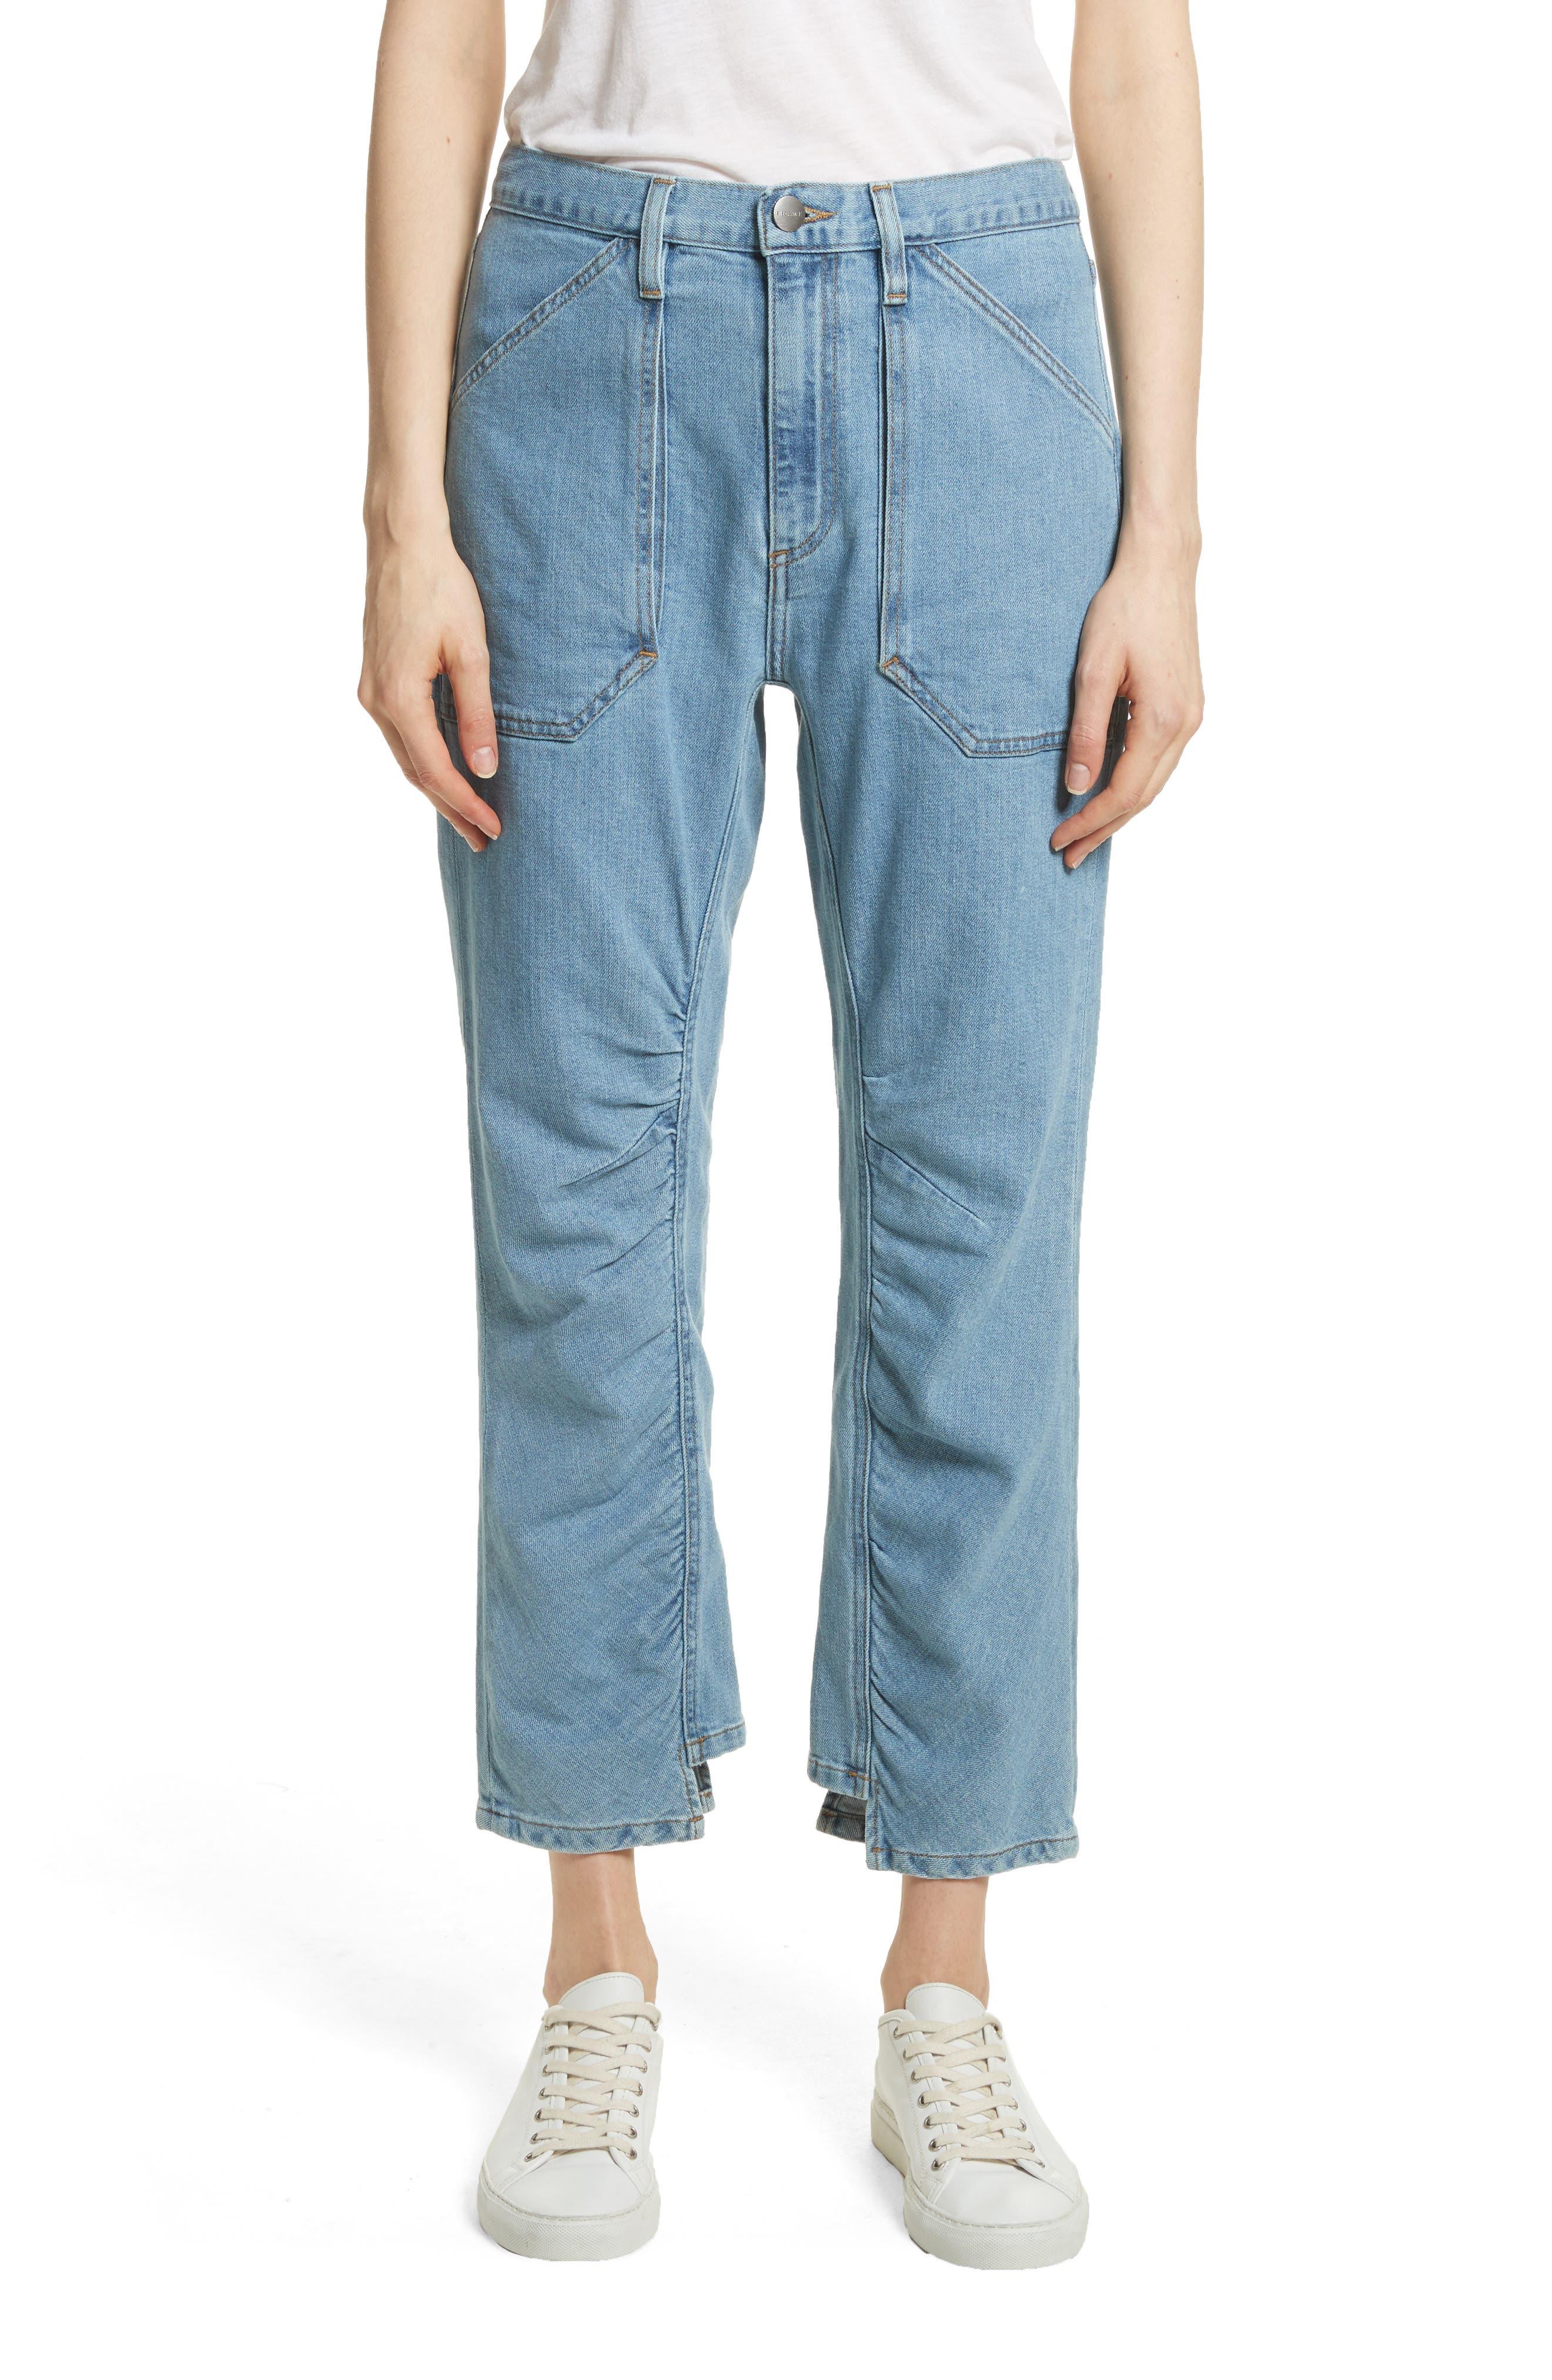 Le Ruche Crop Jeans,                             Main thumbnail 1, color,                             421